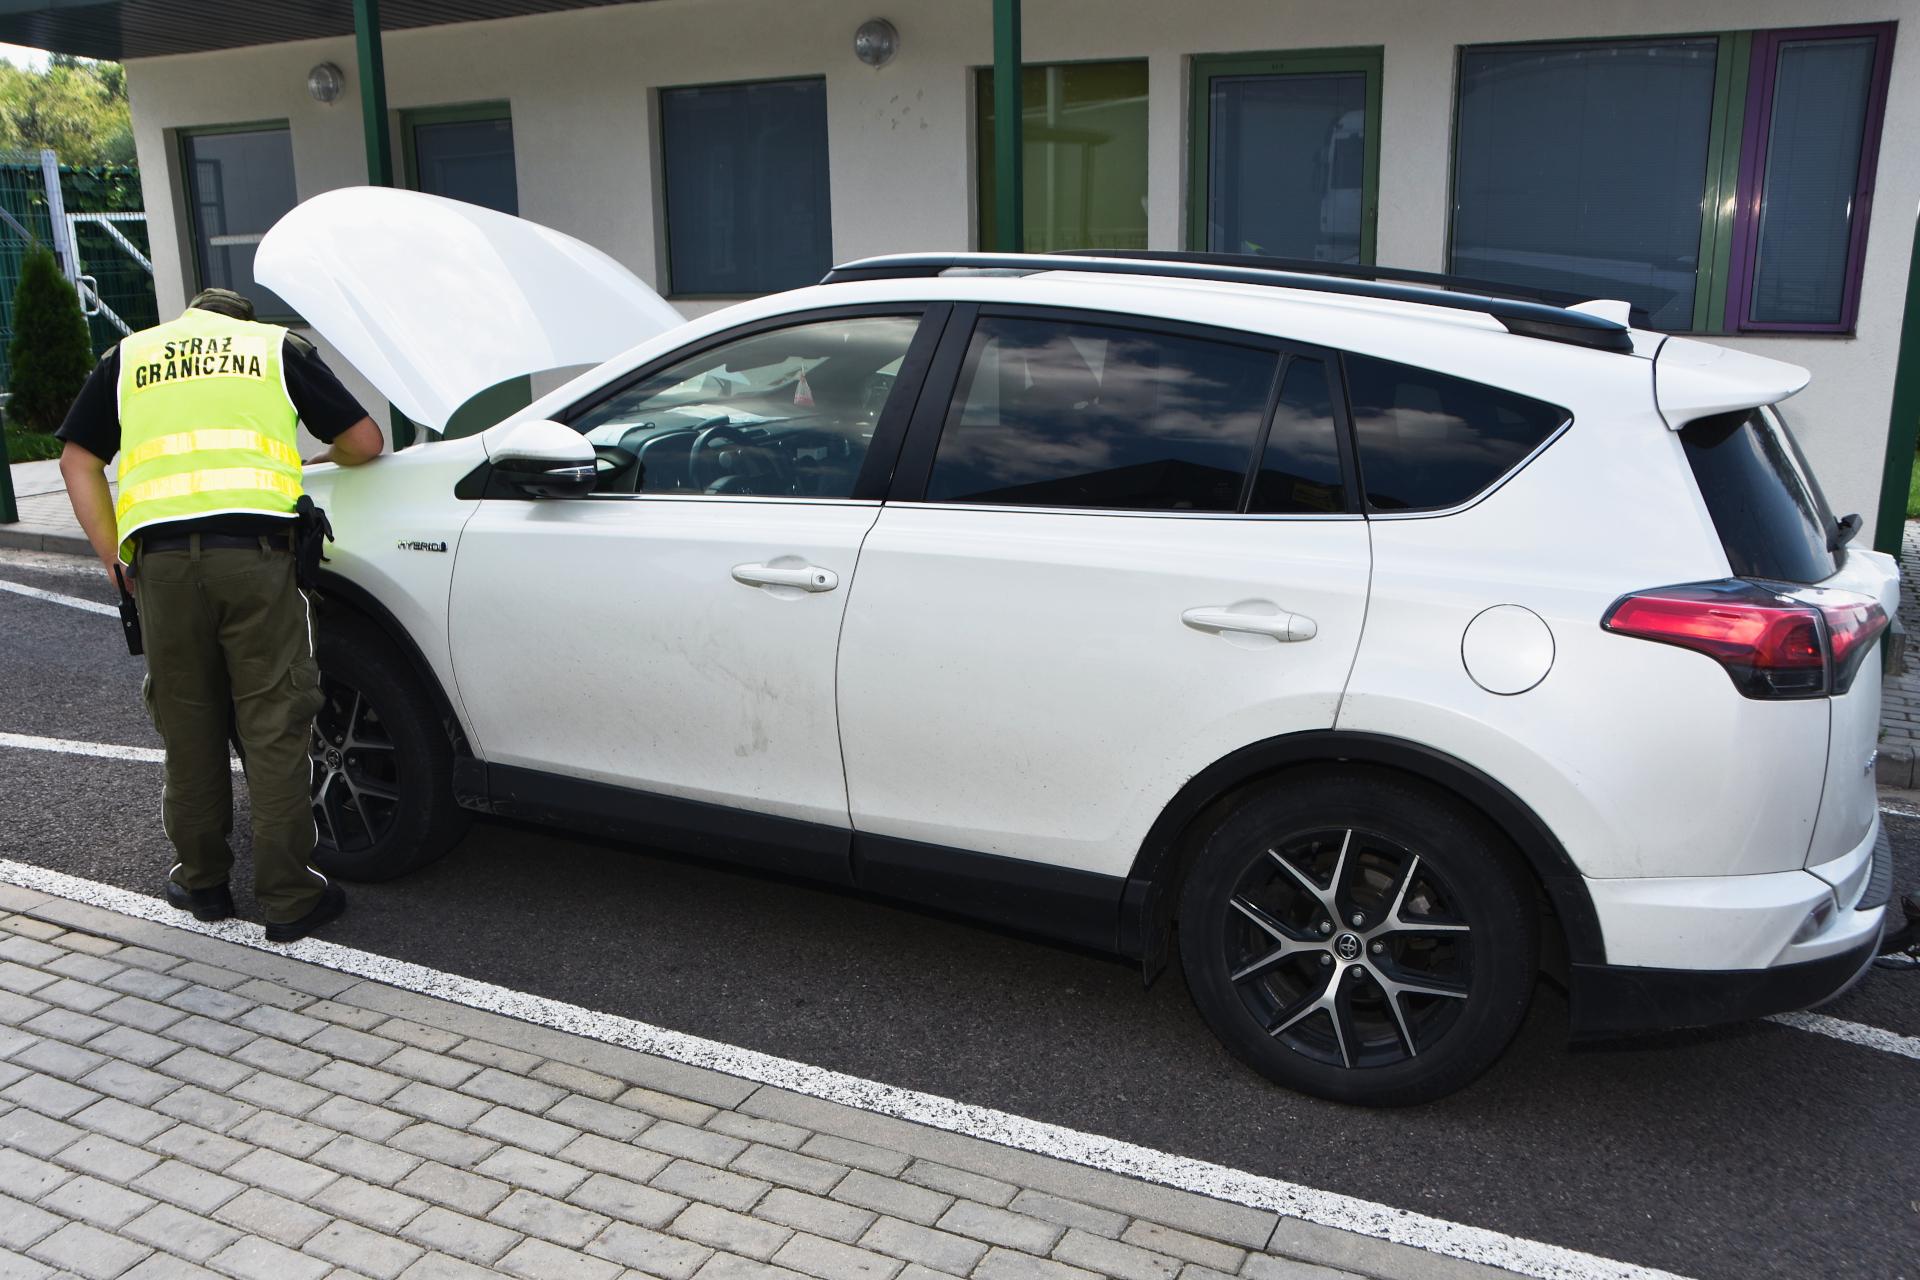 Podkarpacie/Medyka: Zatrzymanie skradzionego auta [FOTO] - Zdjęcie główne